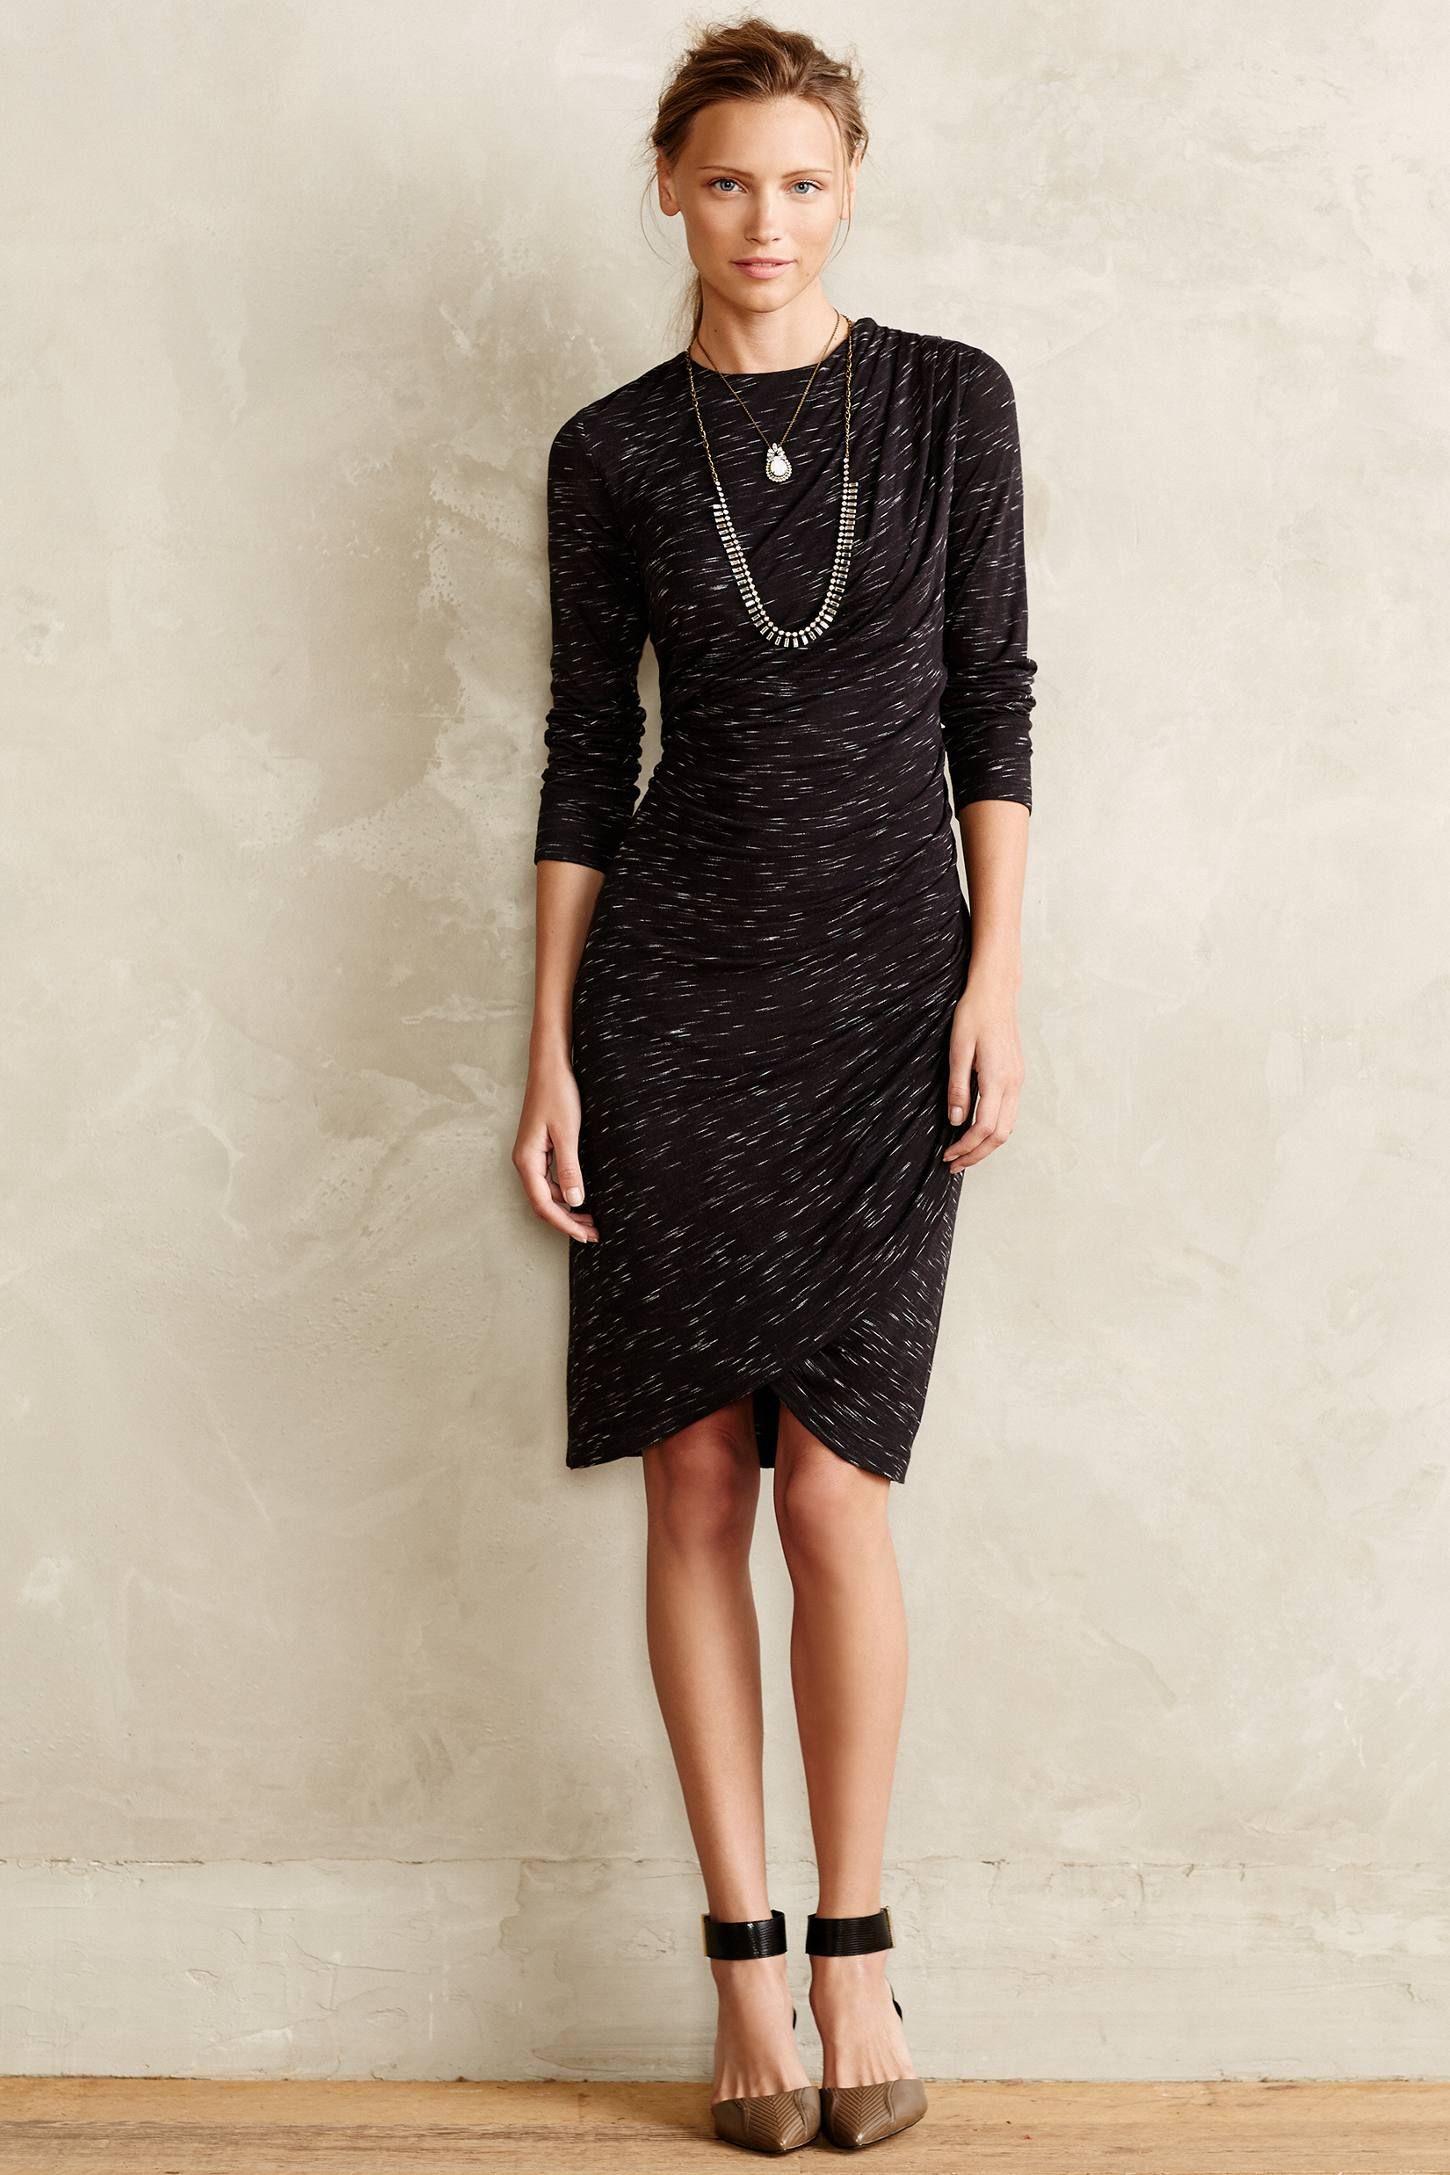 35c09e3408fa5 Cross Column Knit Dress #Anthropologie   Chic Feminine Elegant ...